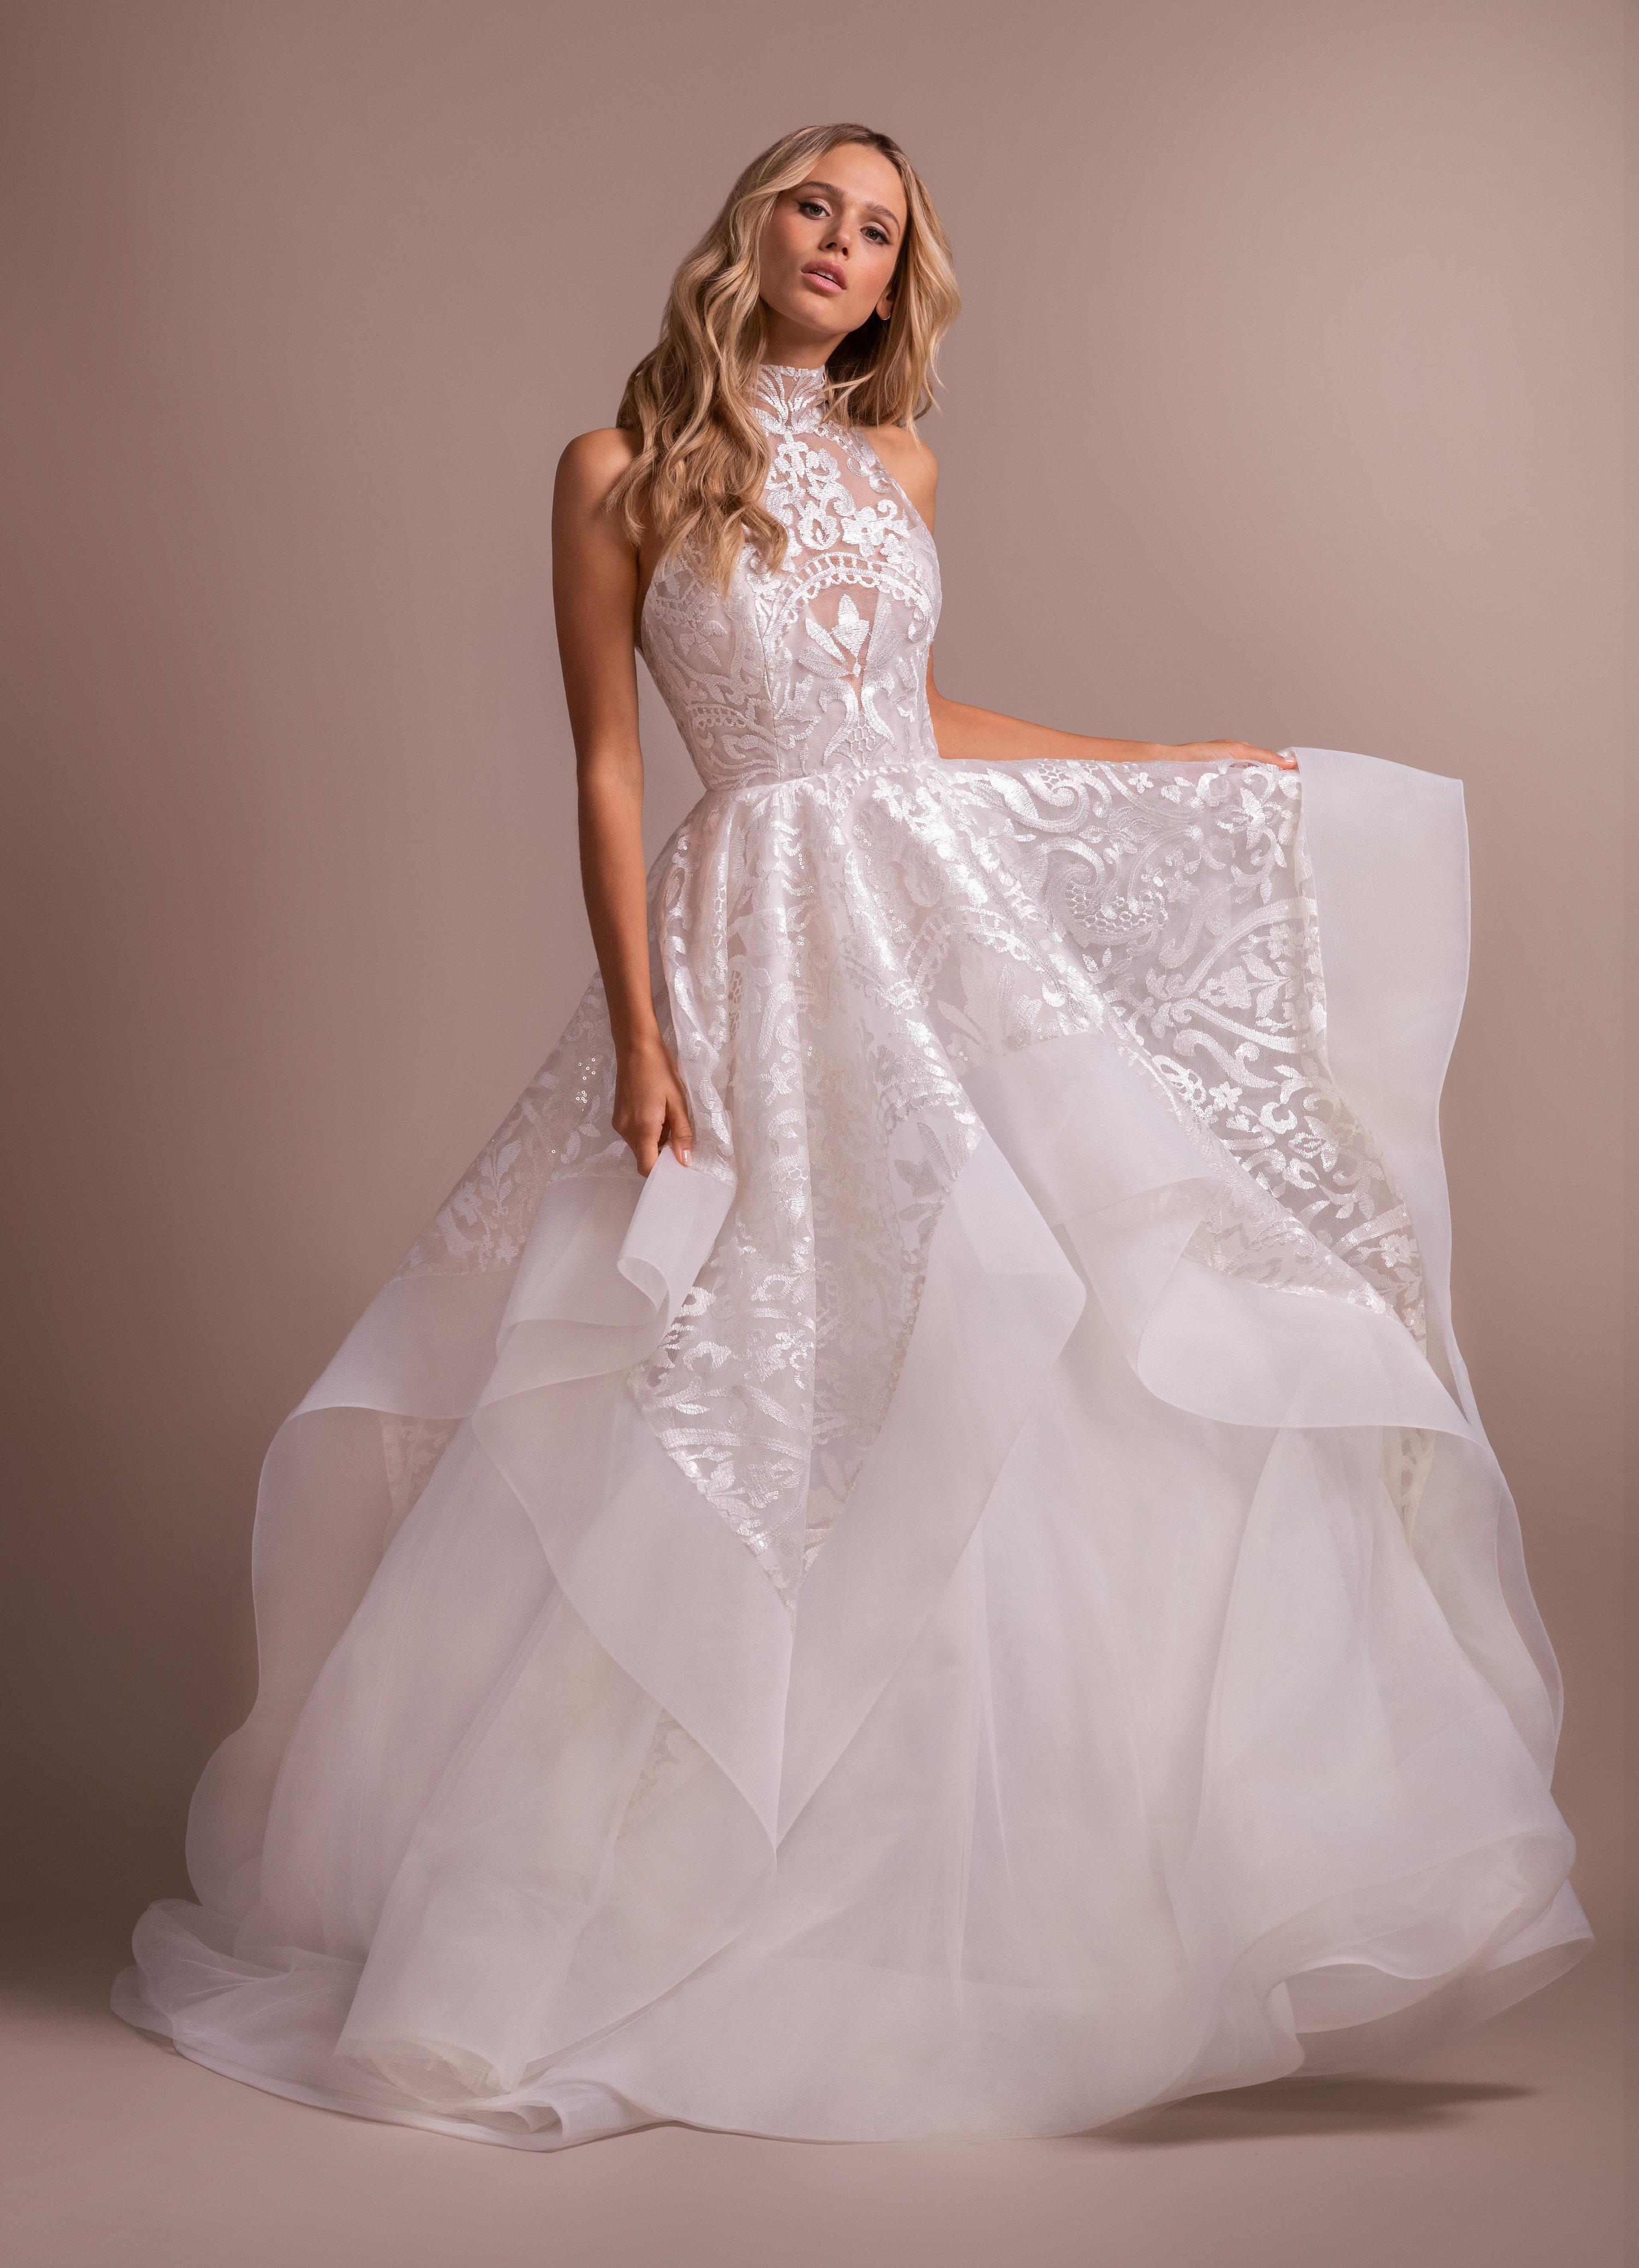 Blush Ball Gown High Neck Wedding Dress